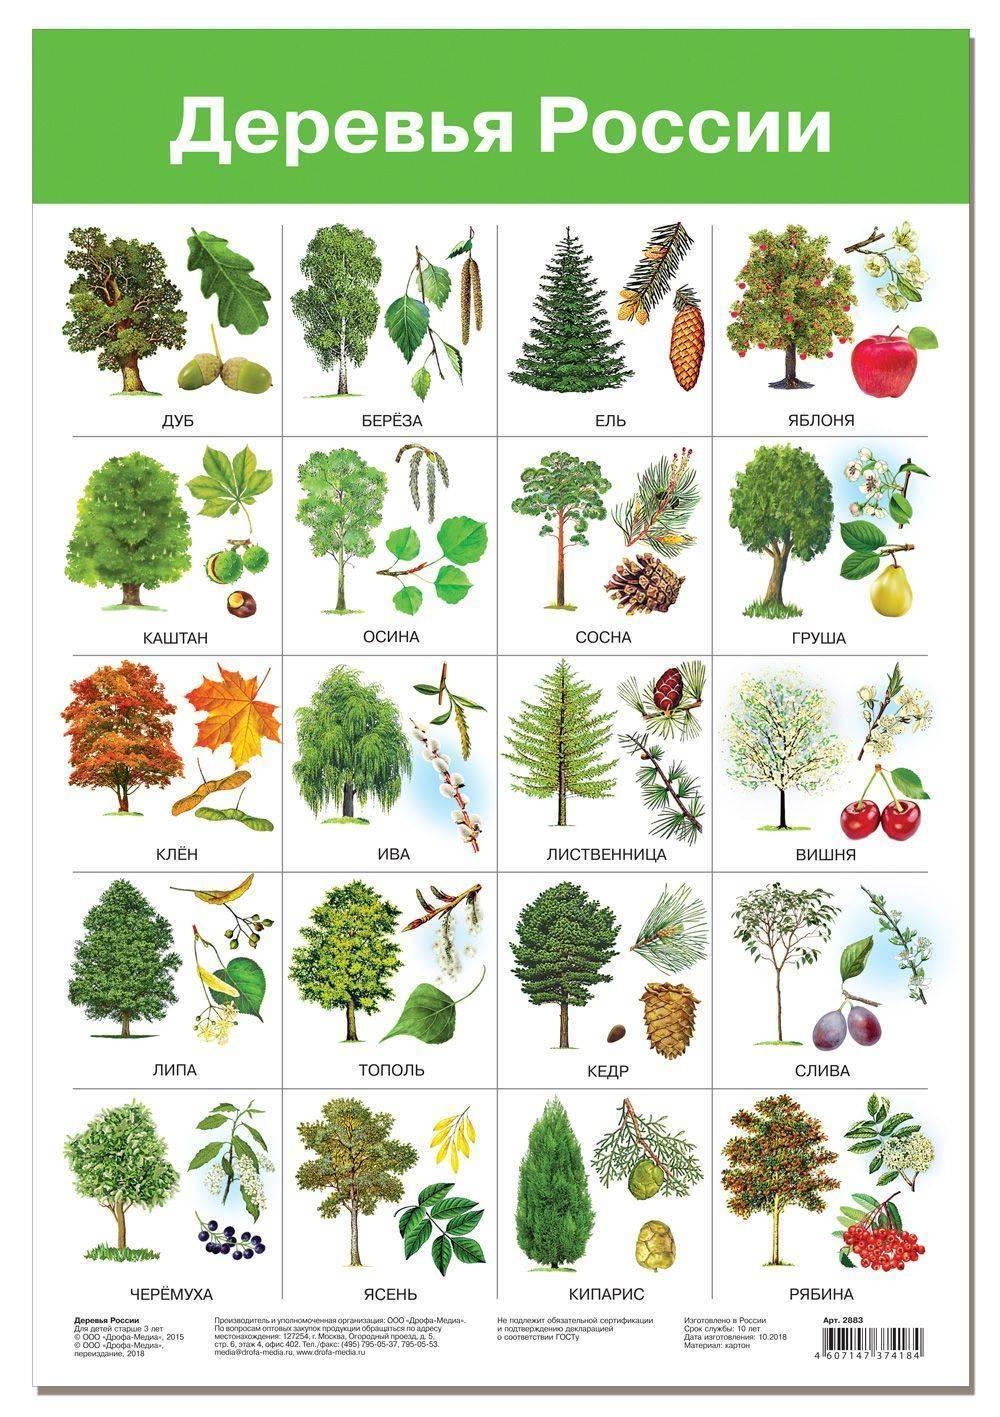 Сколько лет живут деревья – сроки жизни разных деревьев — частные заметки